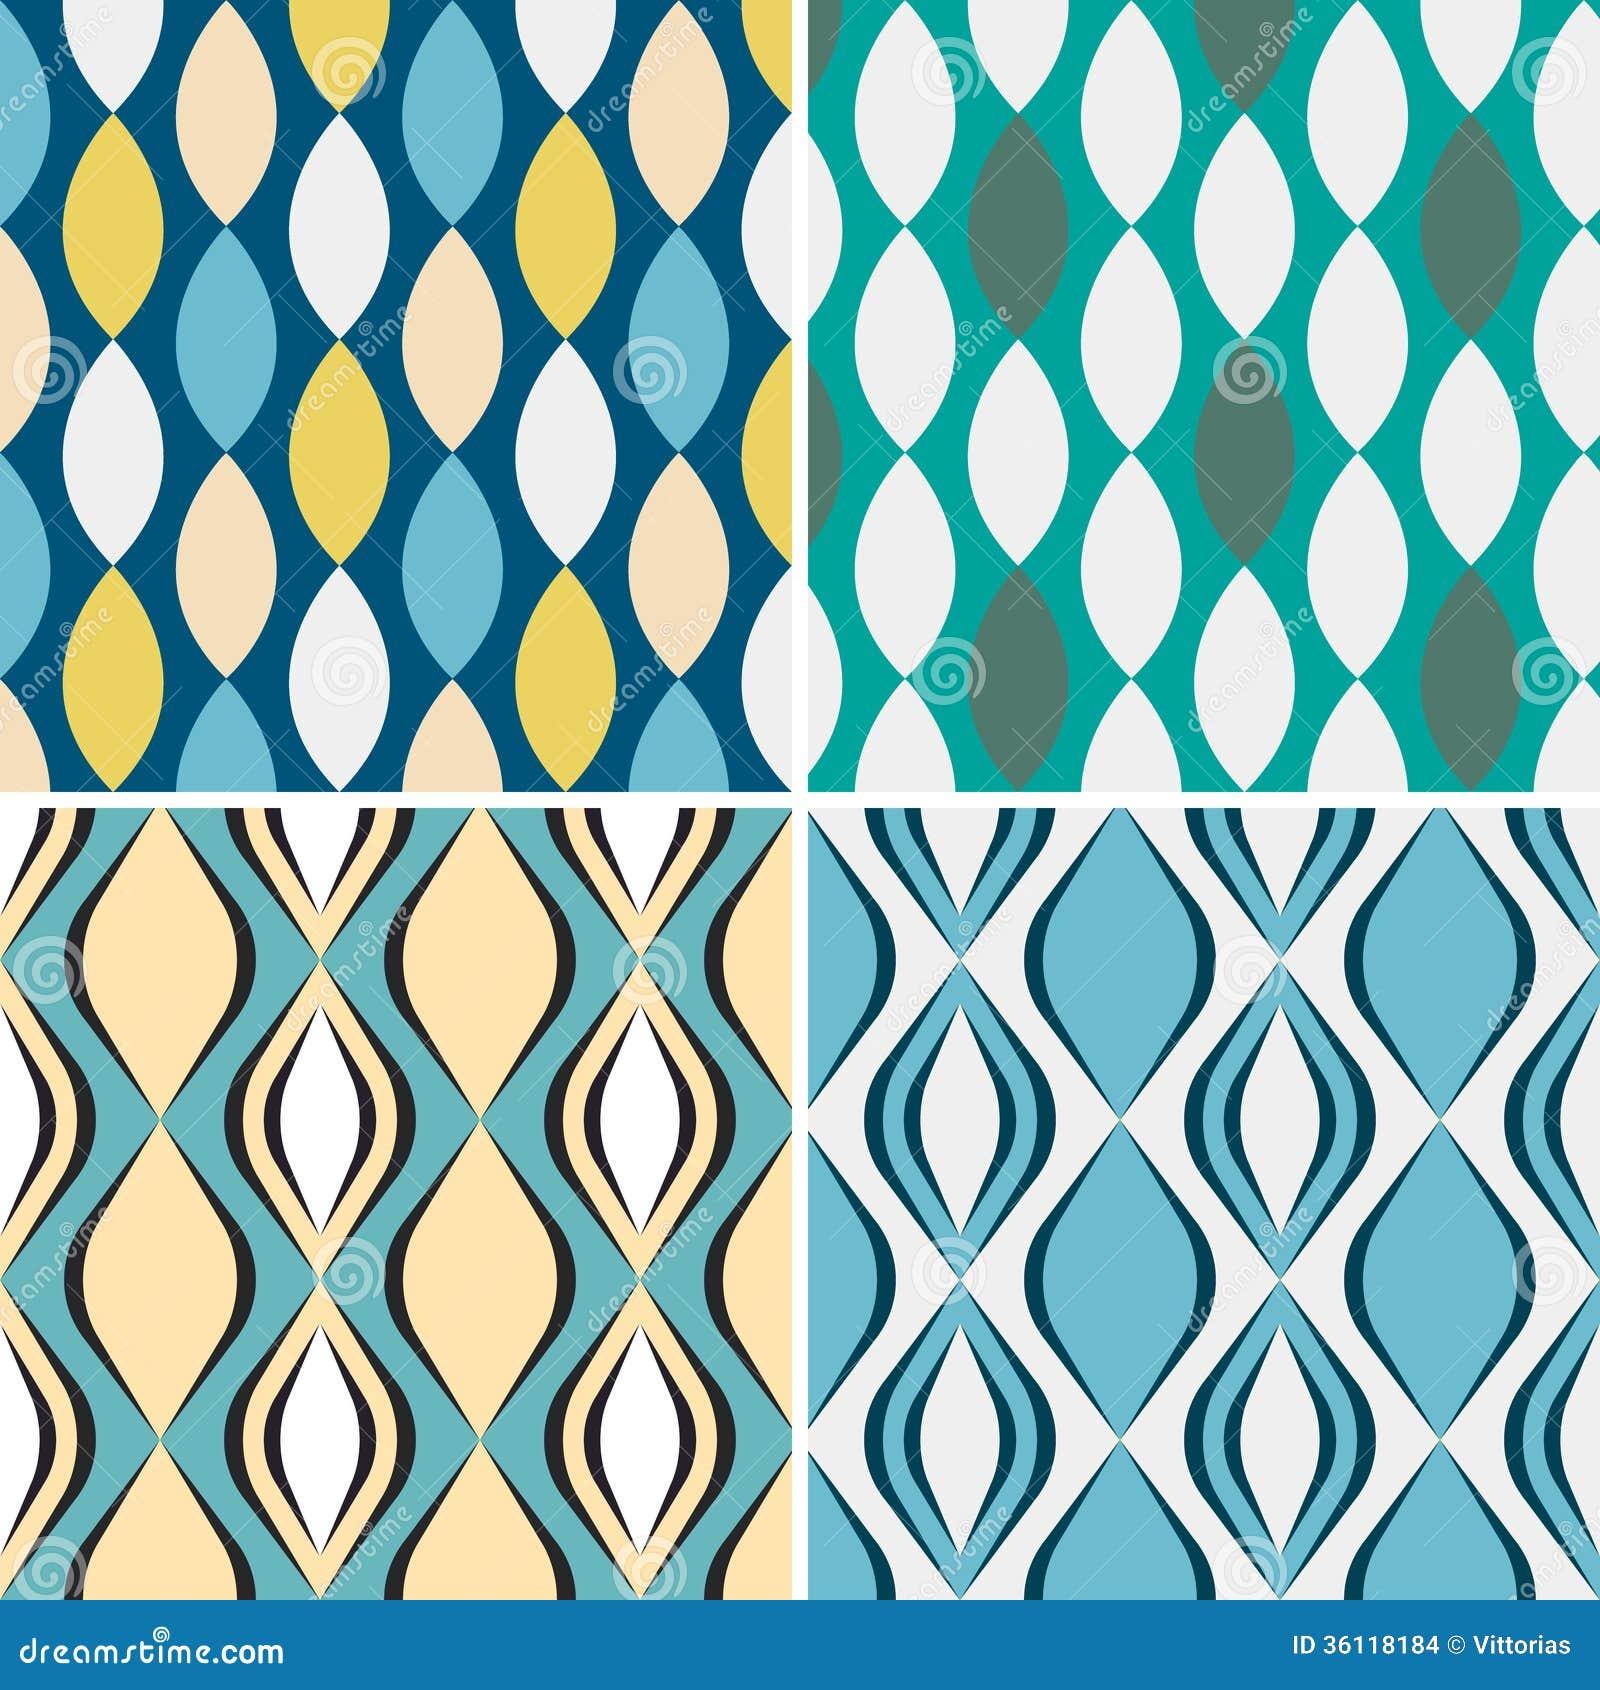 Set of seamless geometric patterns.